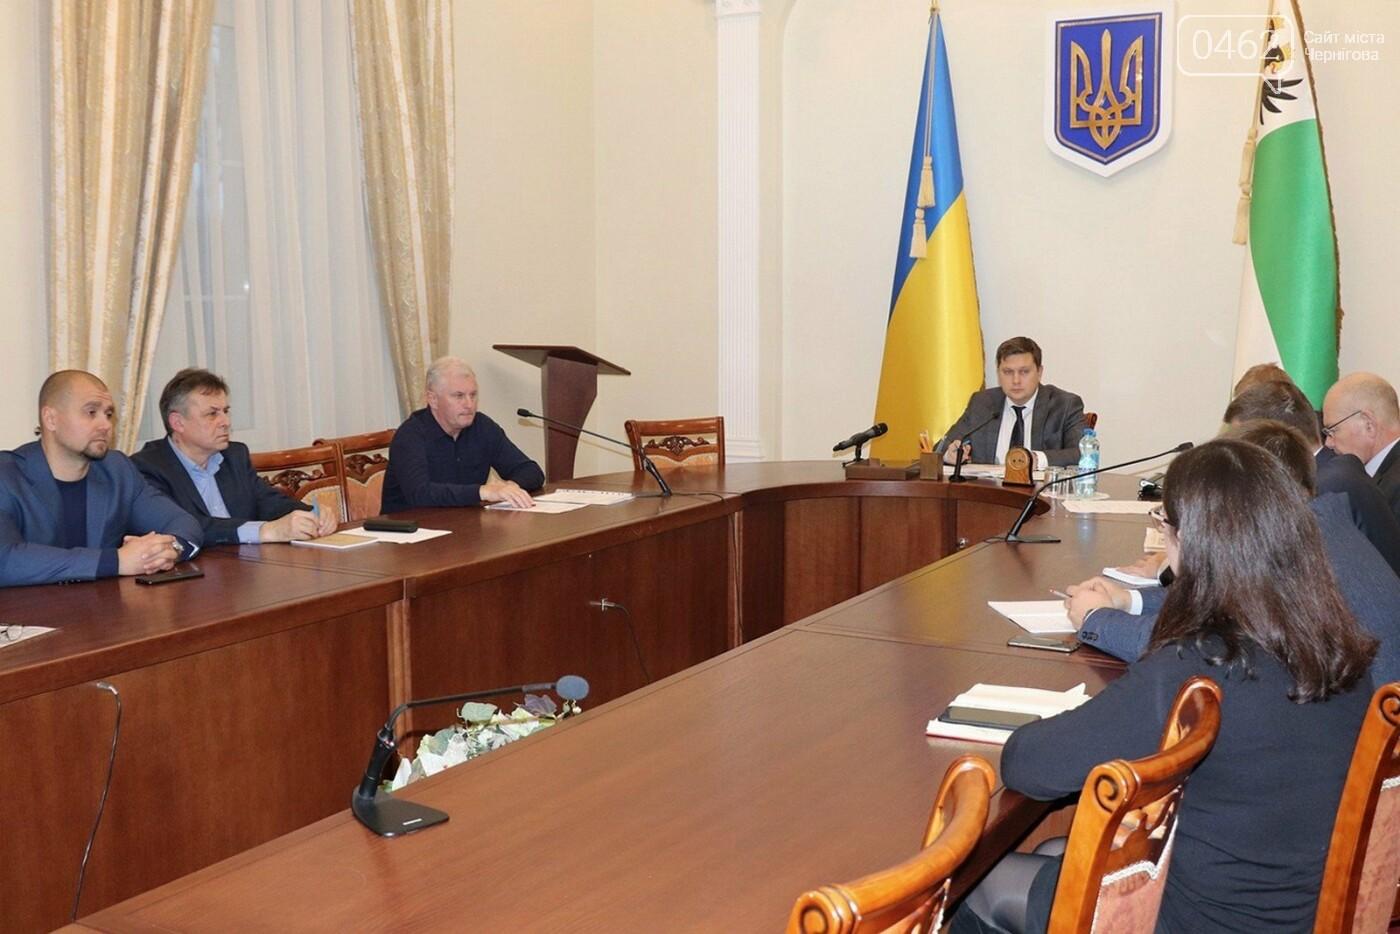 Губернатор Черниговщины представителям мобильных операторов: связь не качественная, фото-1